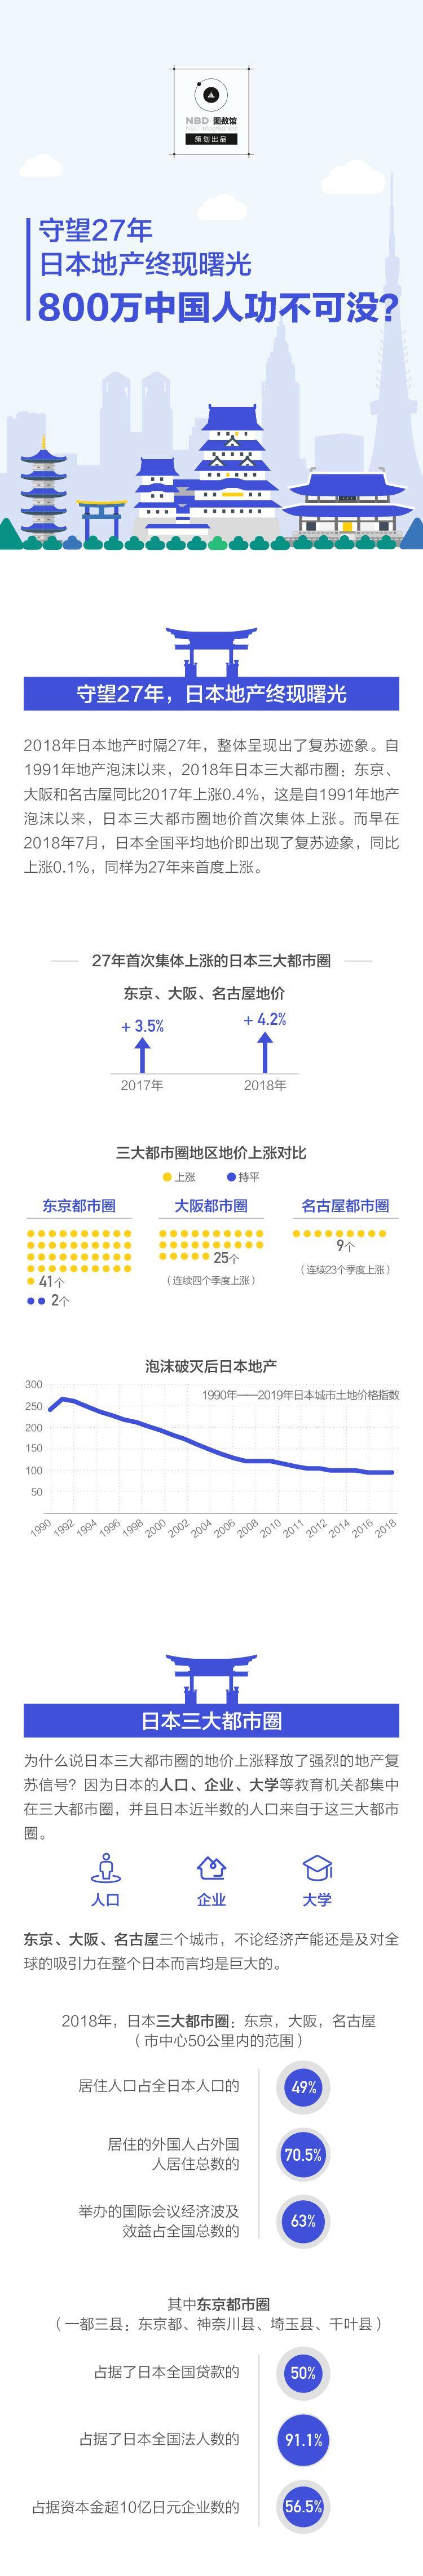 熬了27年日本地价终于涨了 800万中国人功不可没?_图1-3